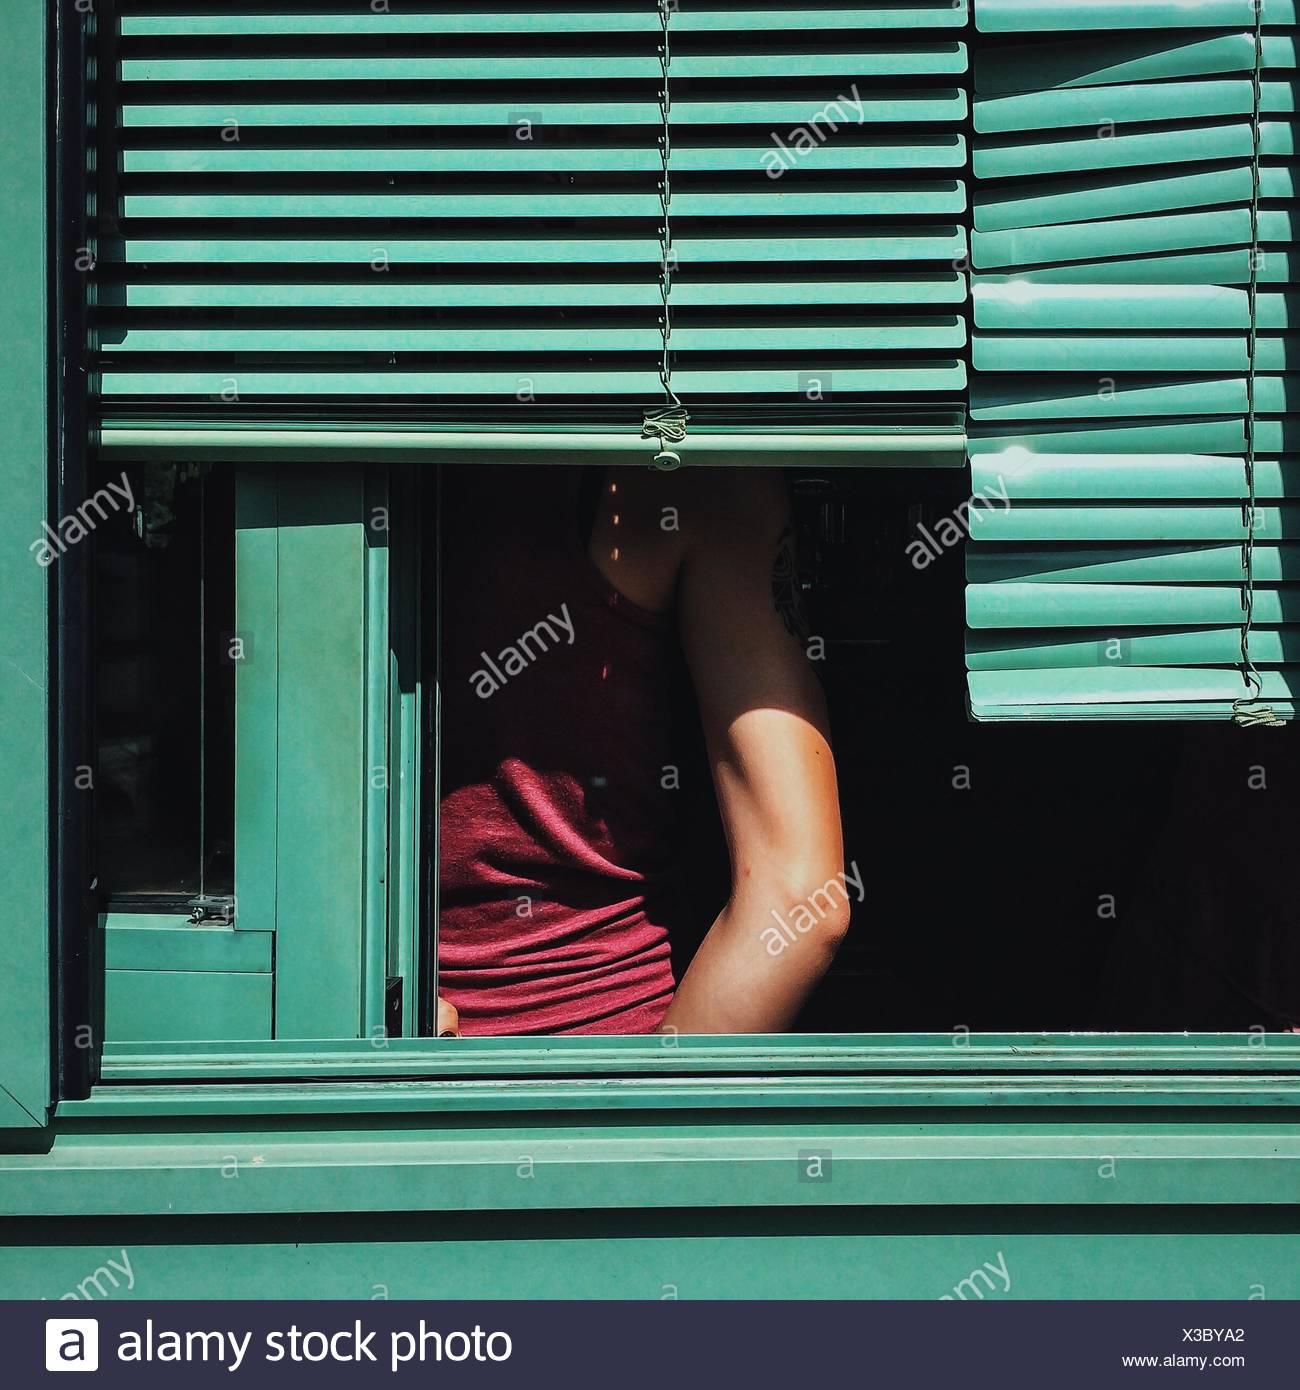 Mittelteil des Menschen durch Fenster gesehen Stockbild